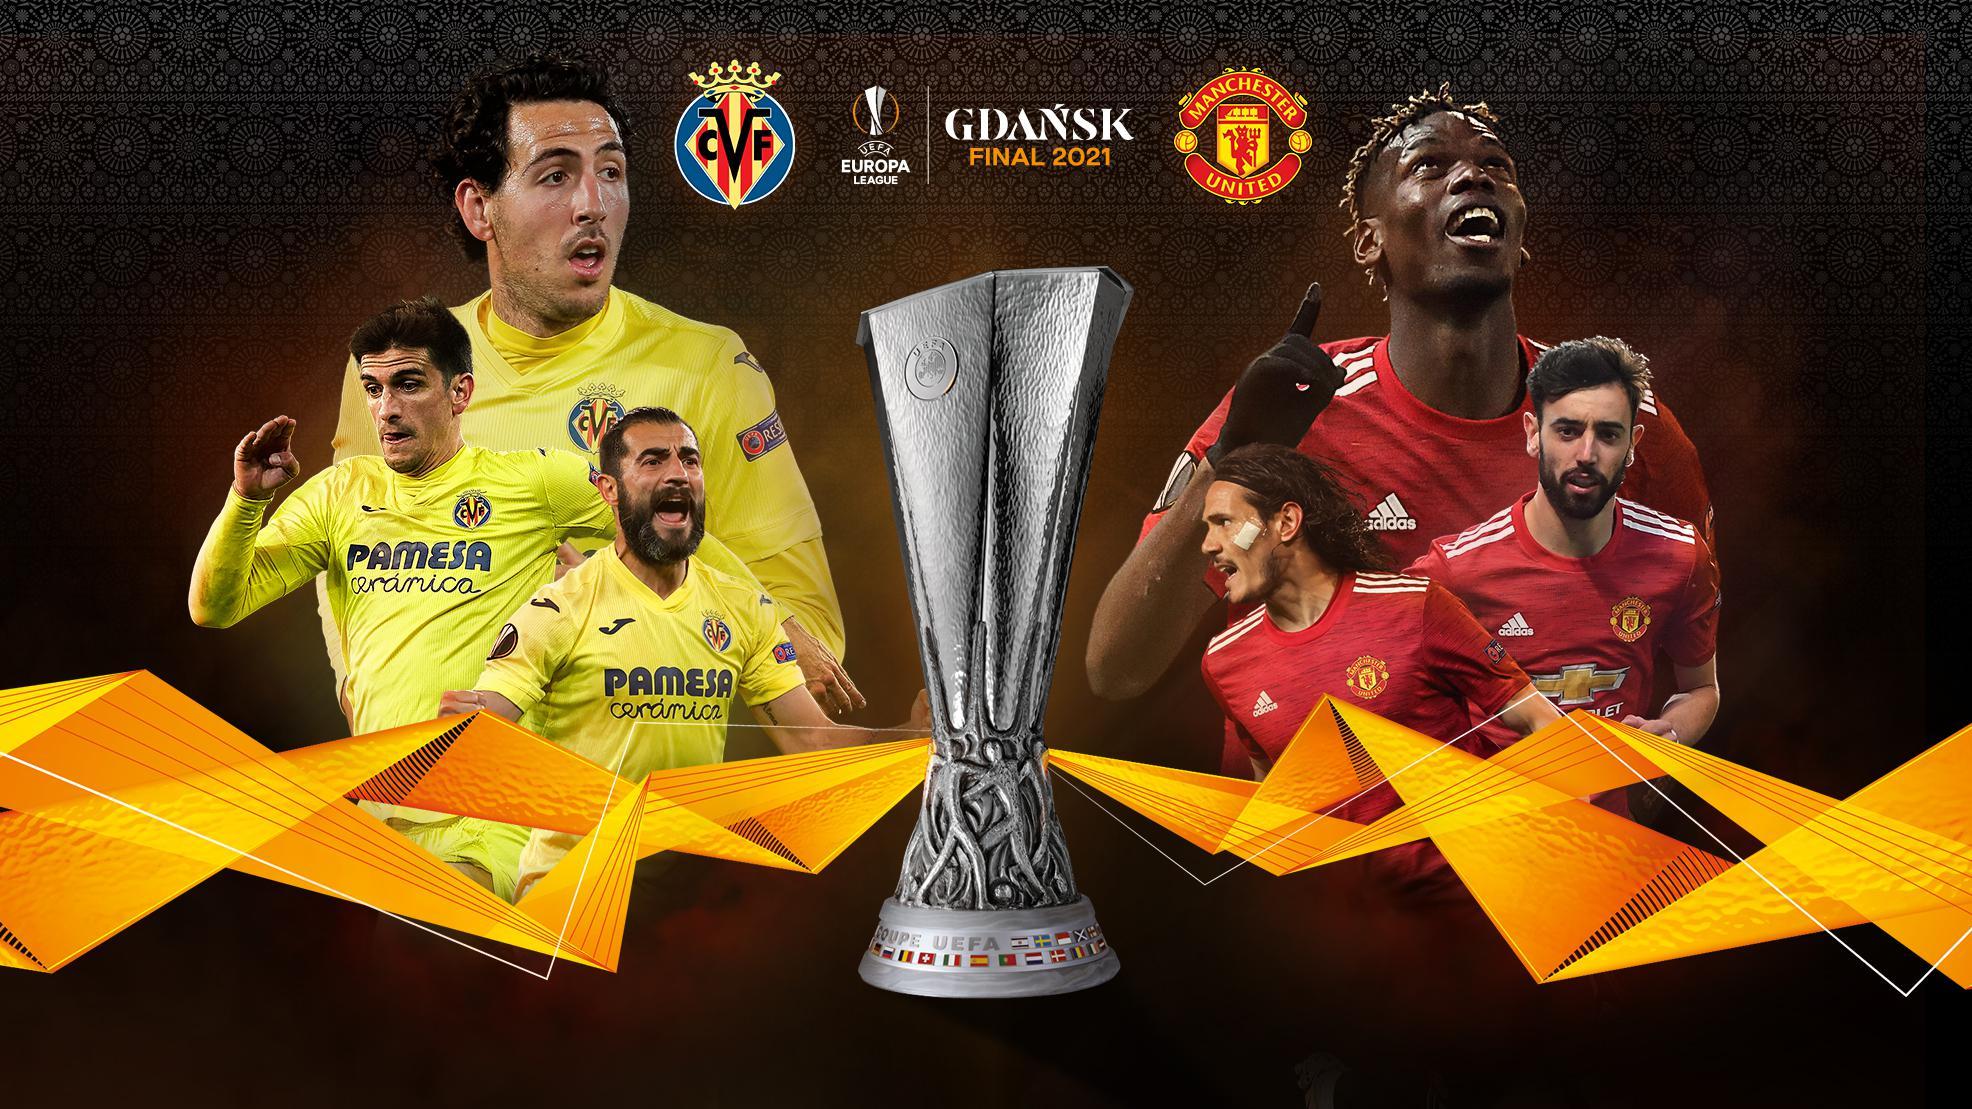 WATCH EUROPA League final 2021 in 4k for FREE - Villarreal ...